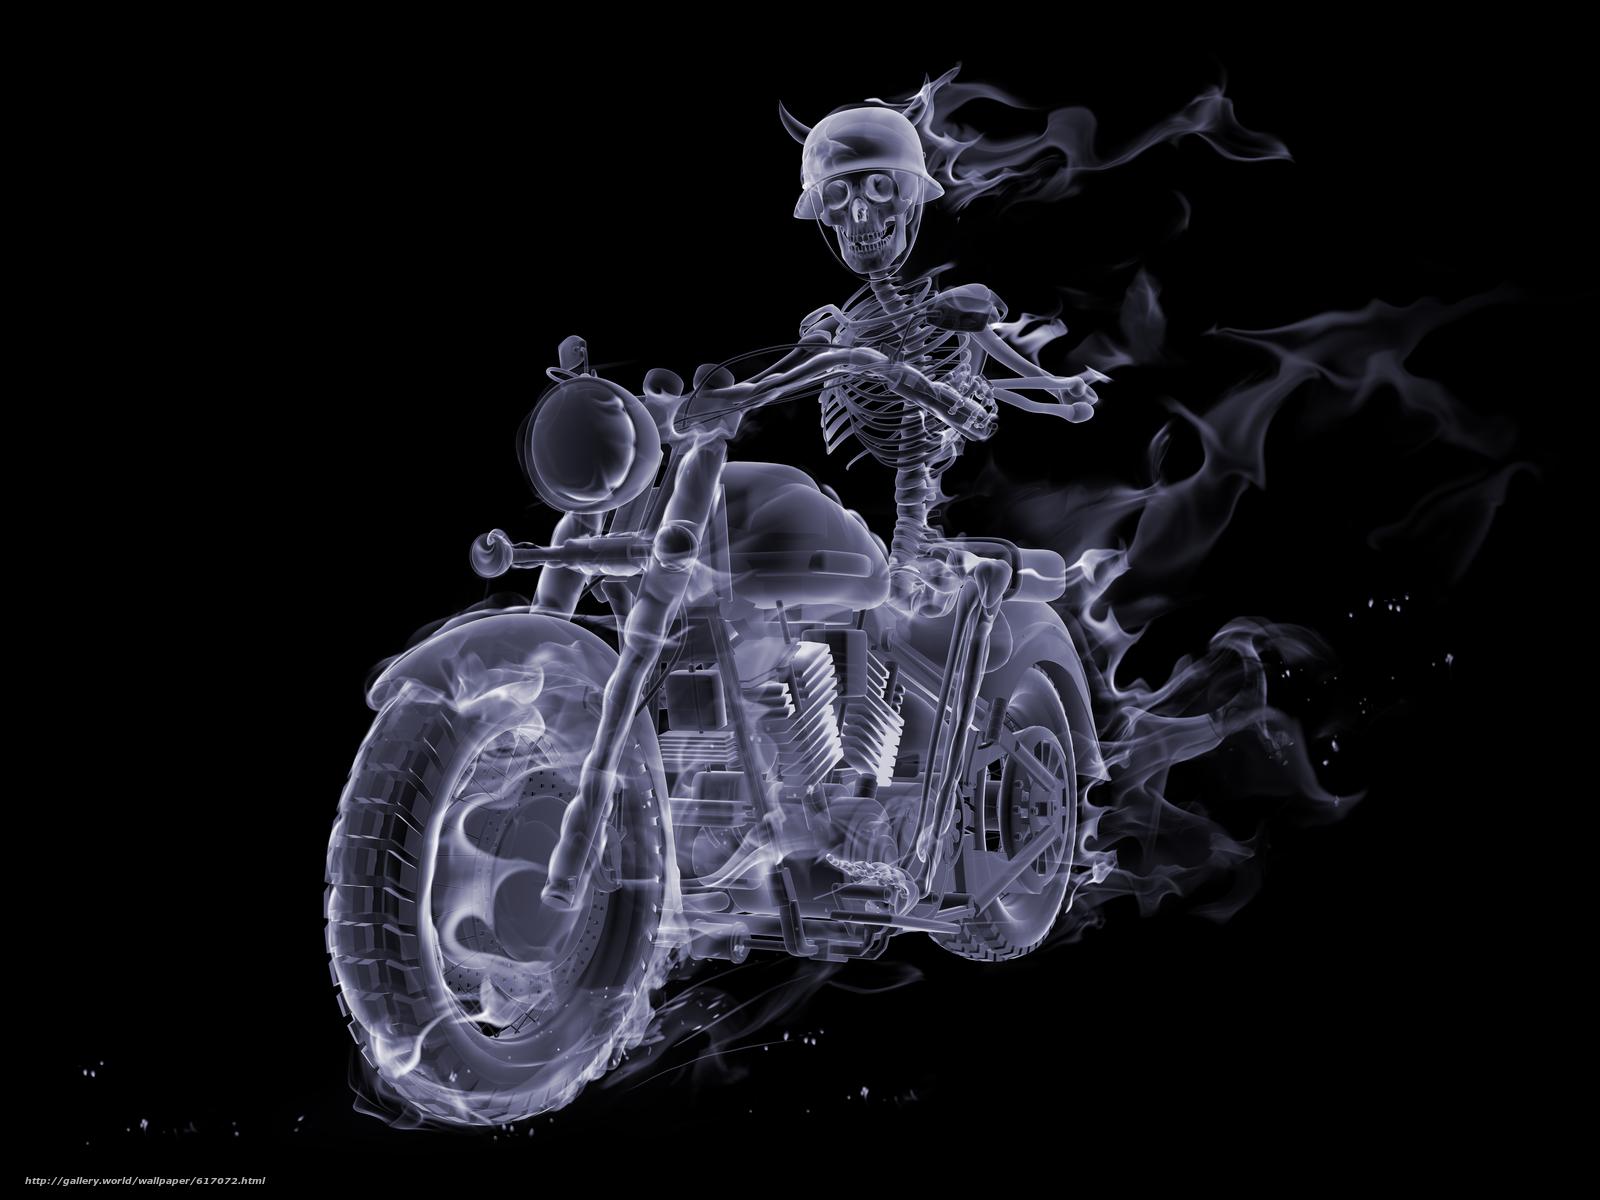 Скачать обои Fire,  Smoke,  Biker бесплатно для рабочего стола в разрешении 5000x3750 — картинка №617072